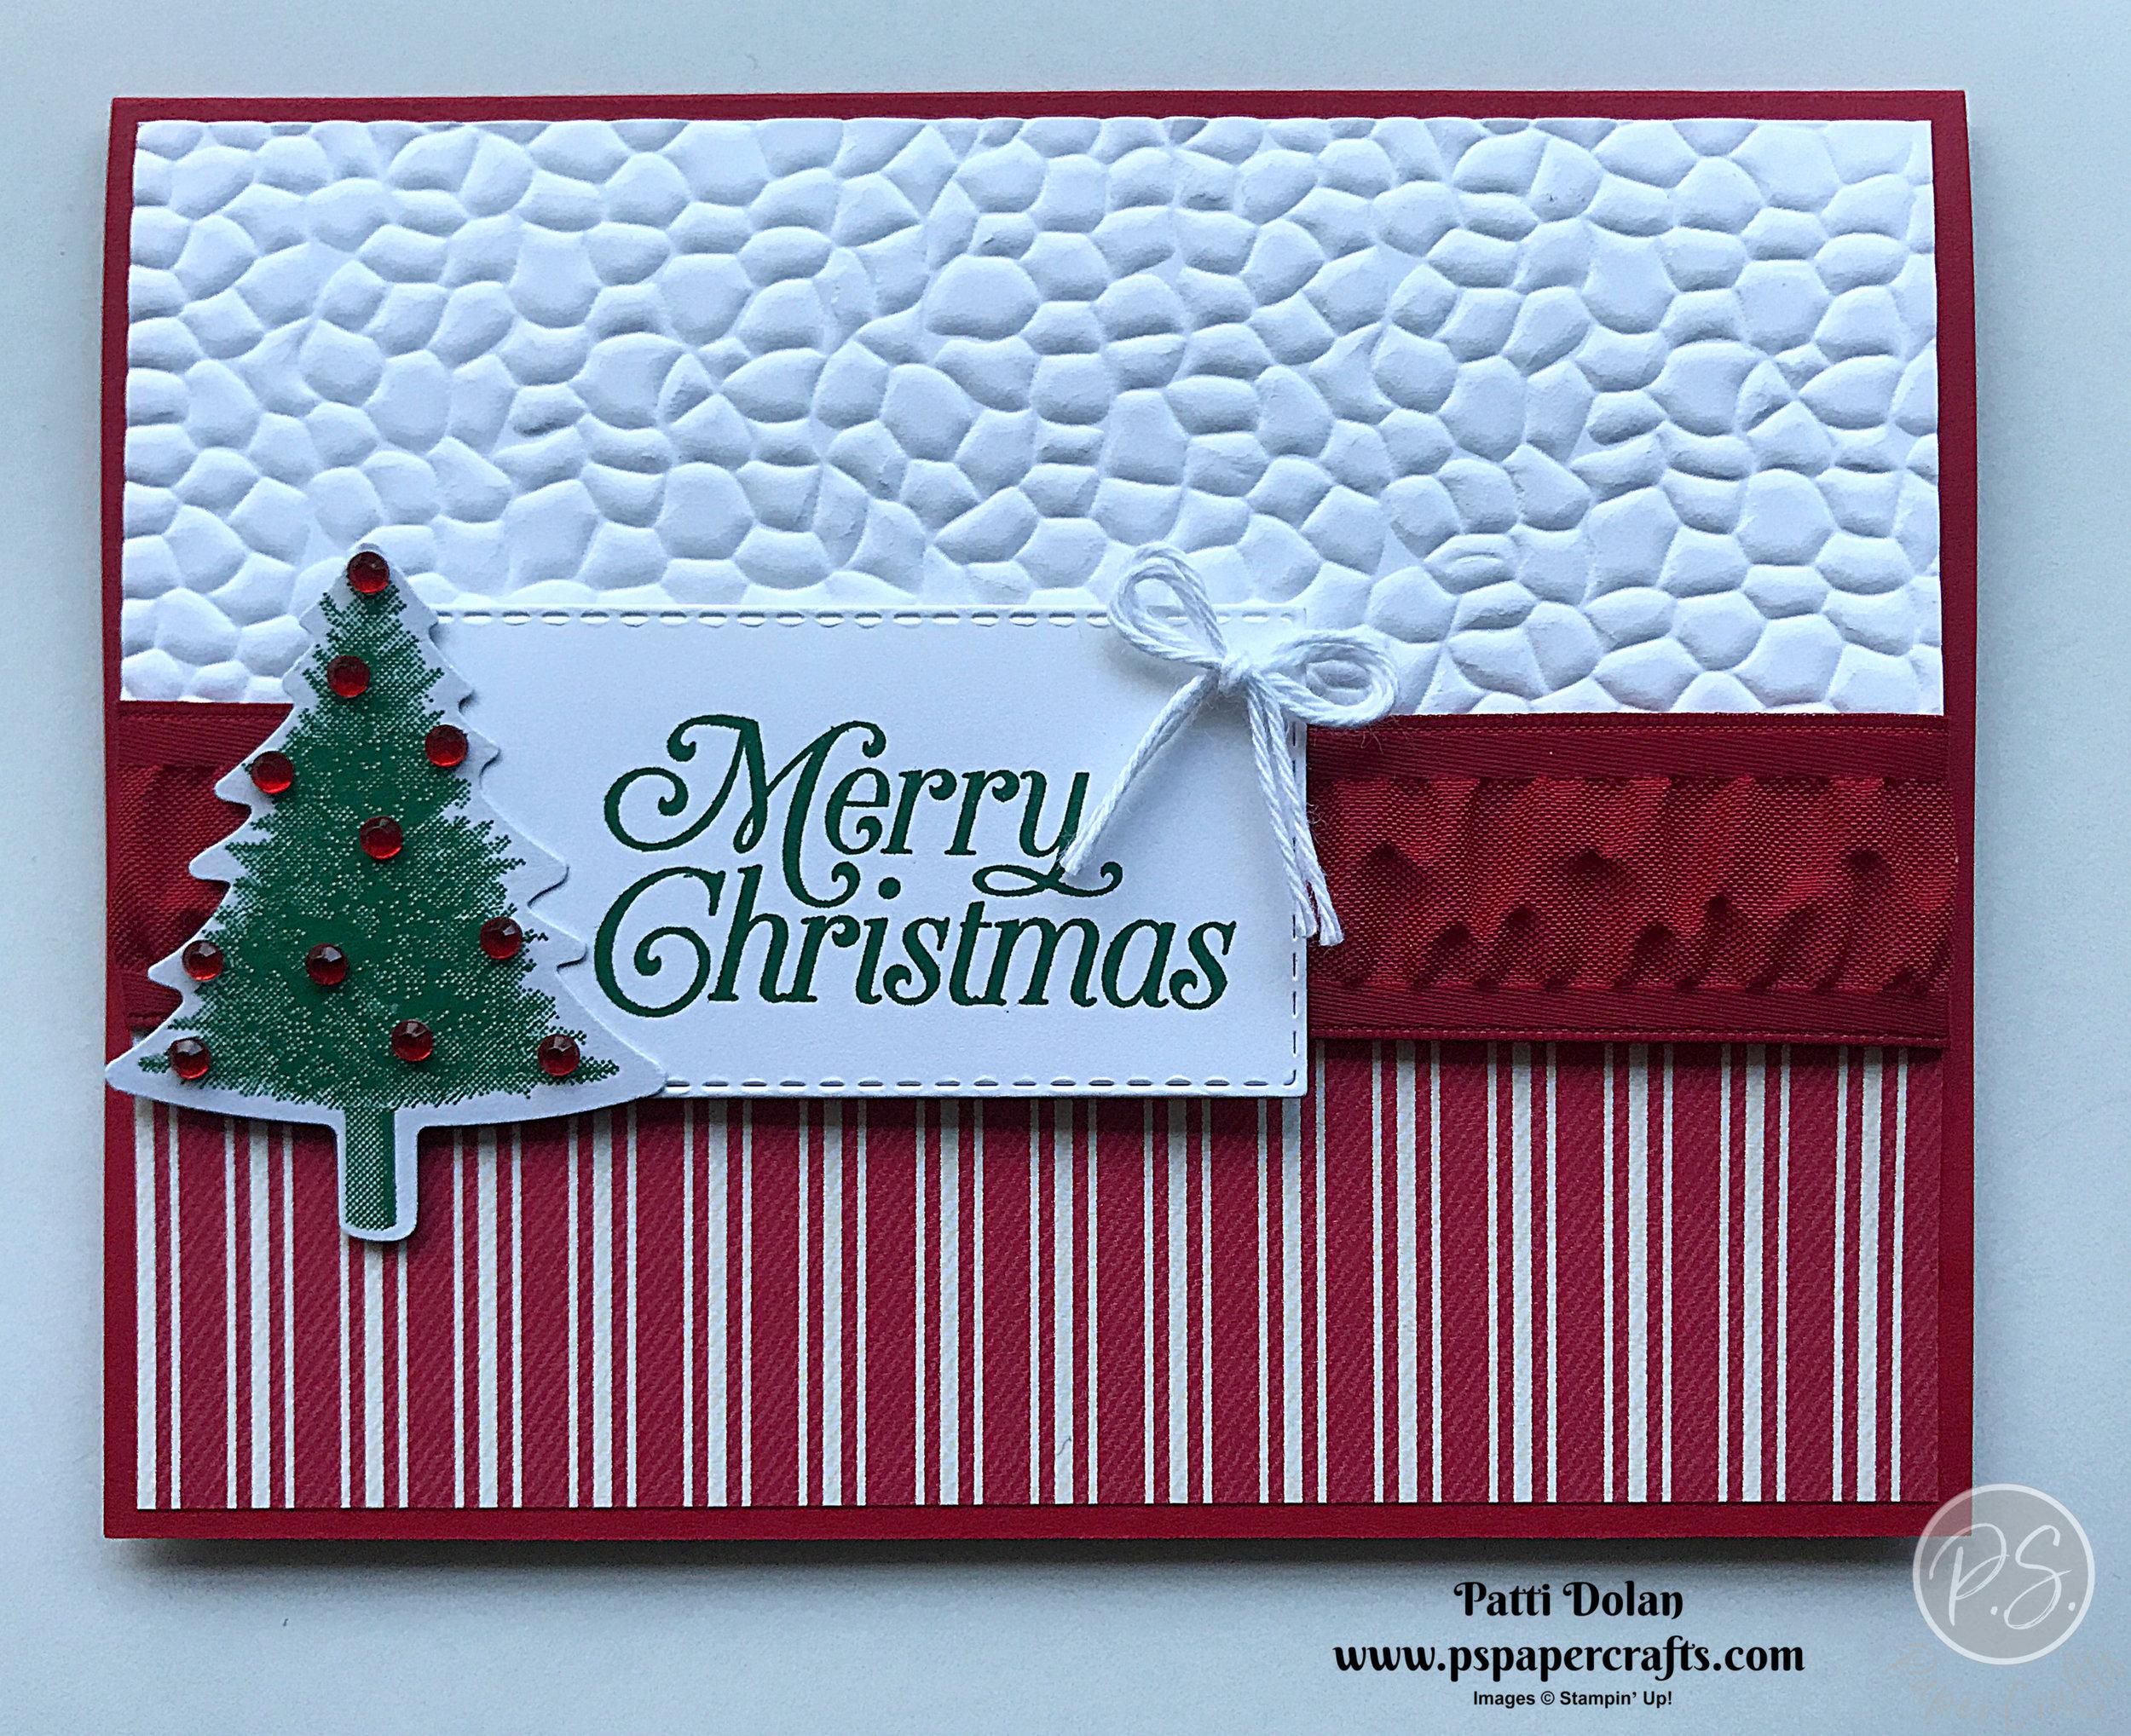 Merry Christmas Build A Card3.jpg